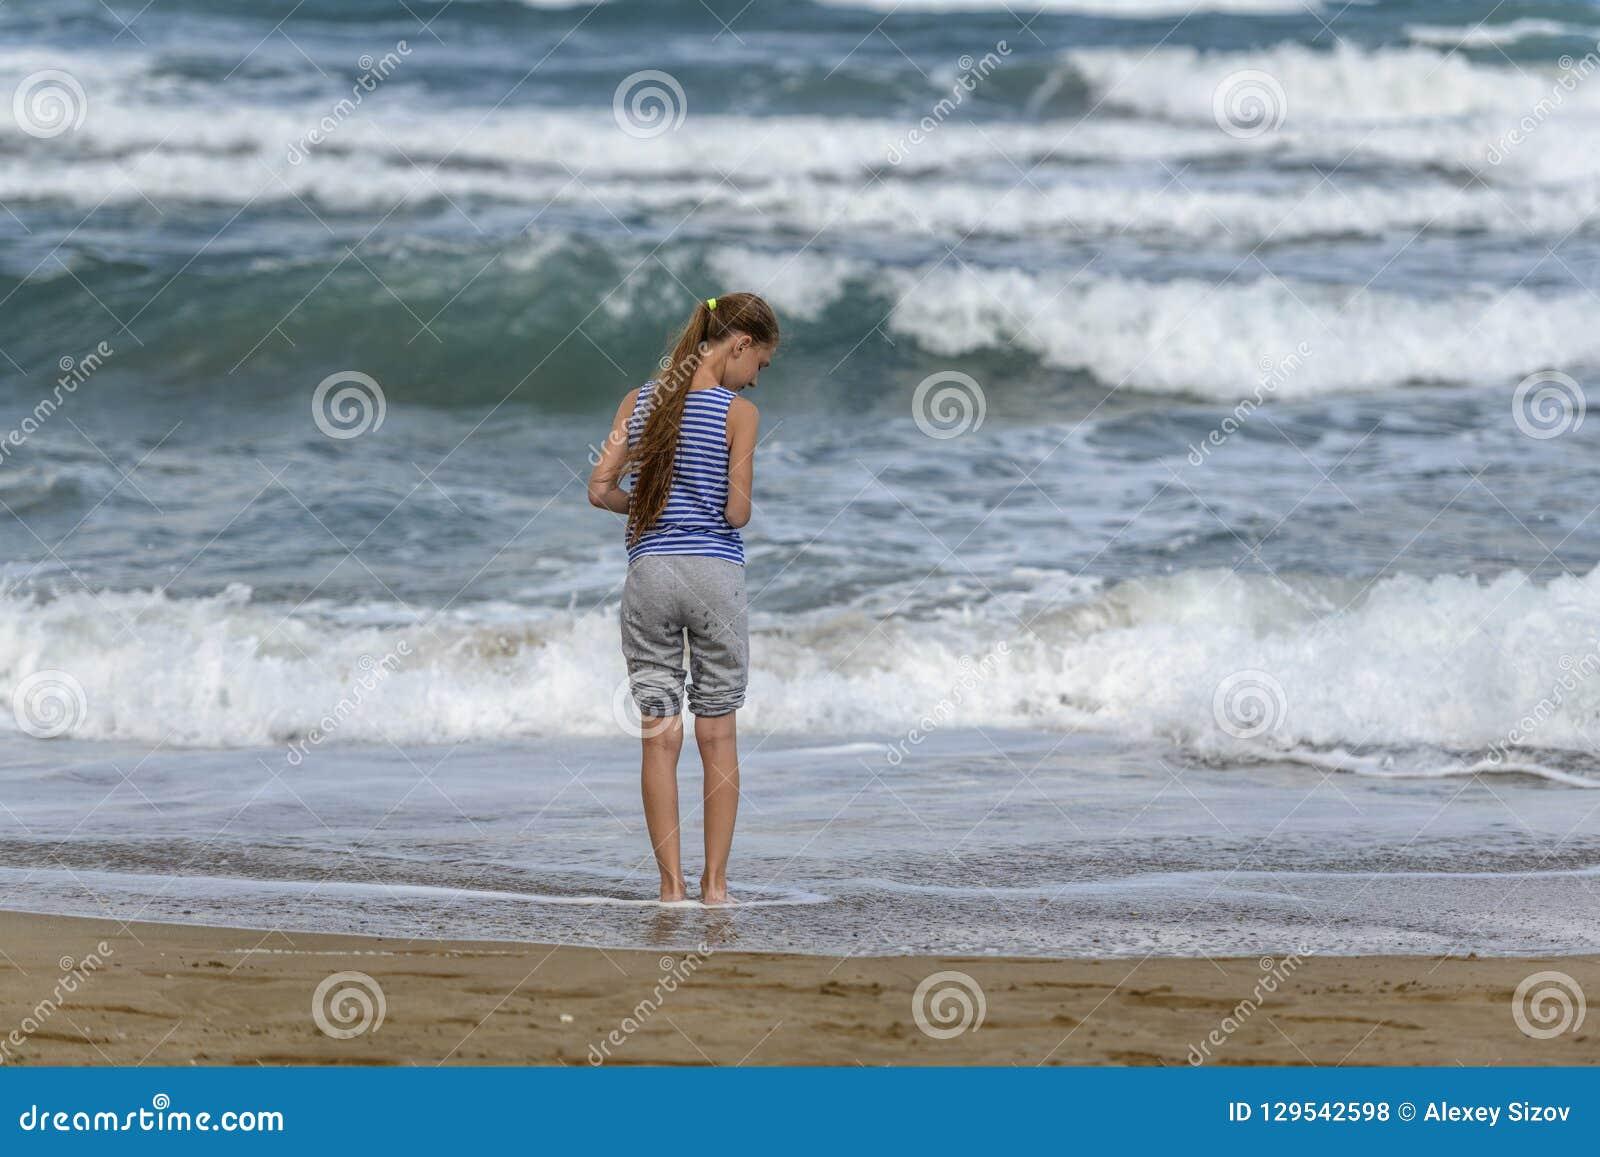 Flicka i den randiga t-skjortan som kör längs stranden